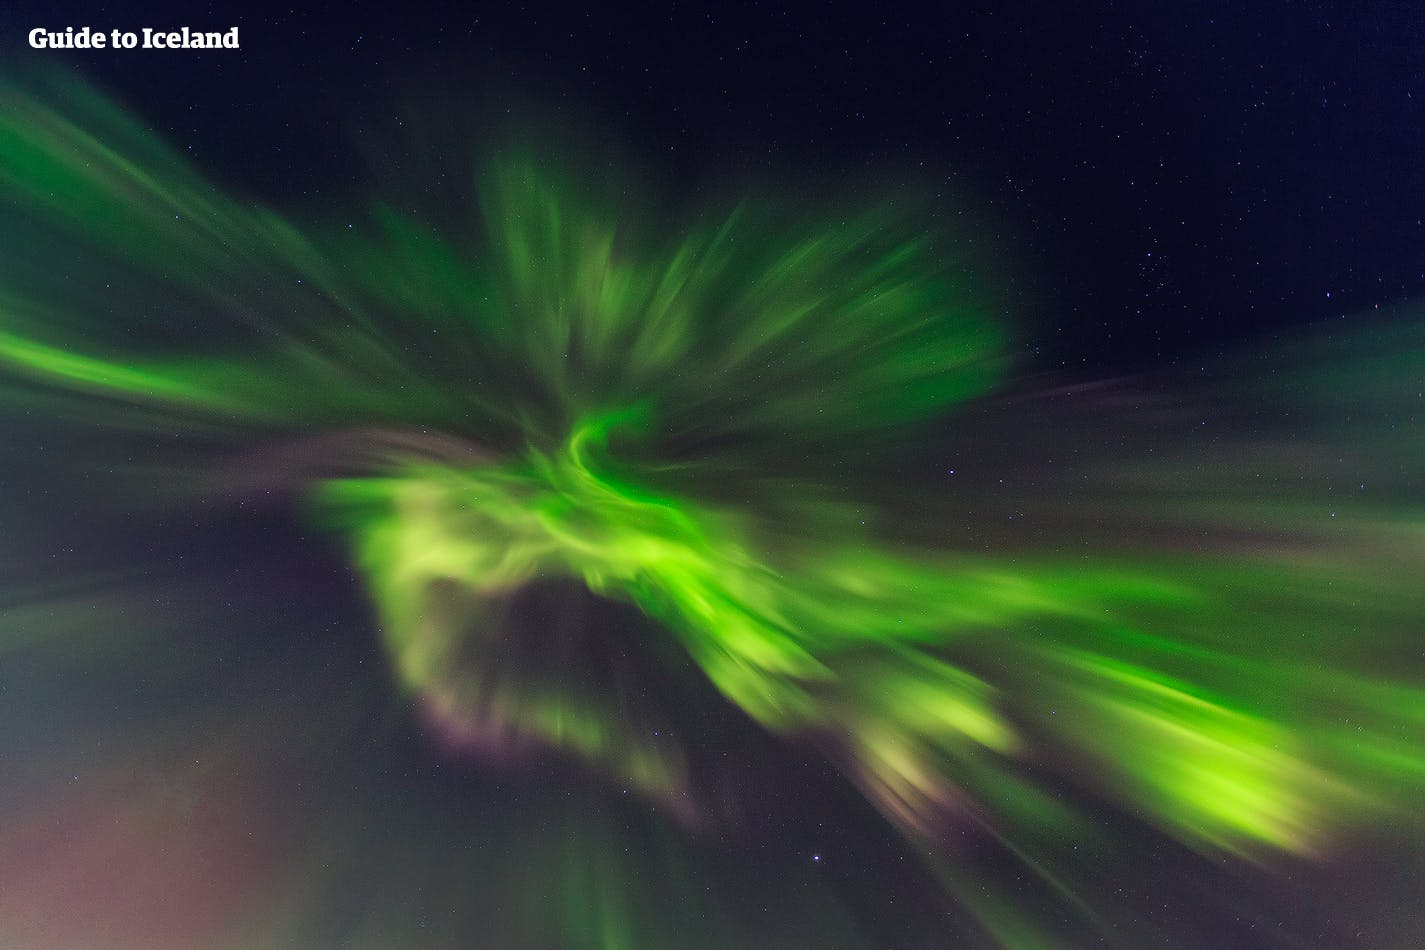 Parfois, les aurores boréales brillent si fort dans le ciel islandais que l'on a du mal à distinguer le rêve de la réalité.